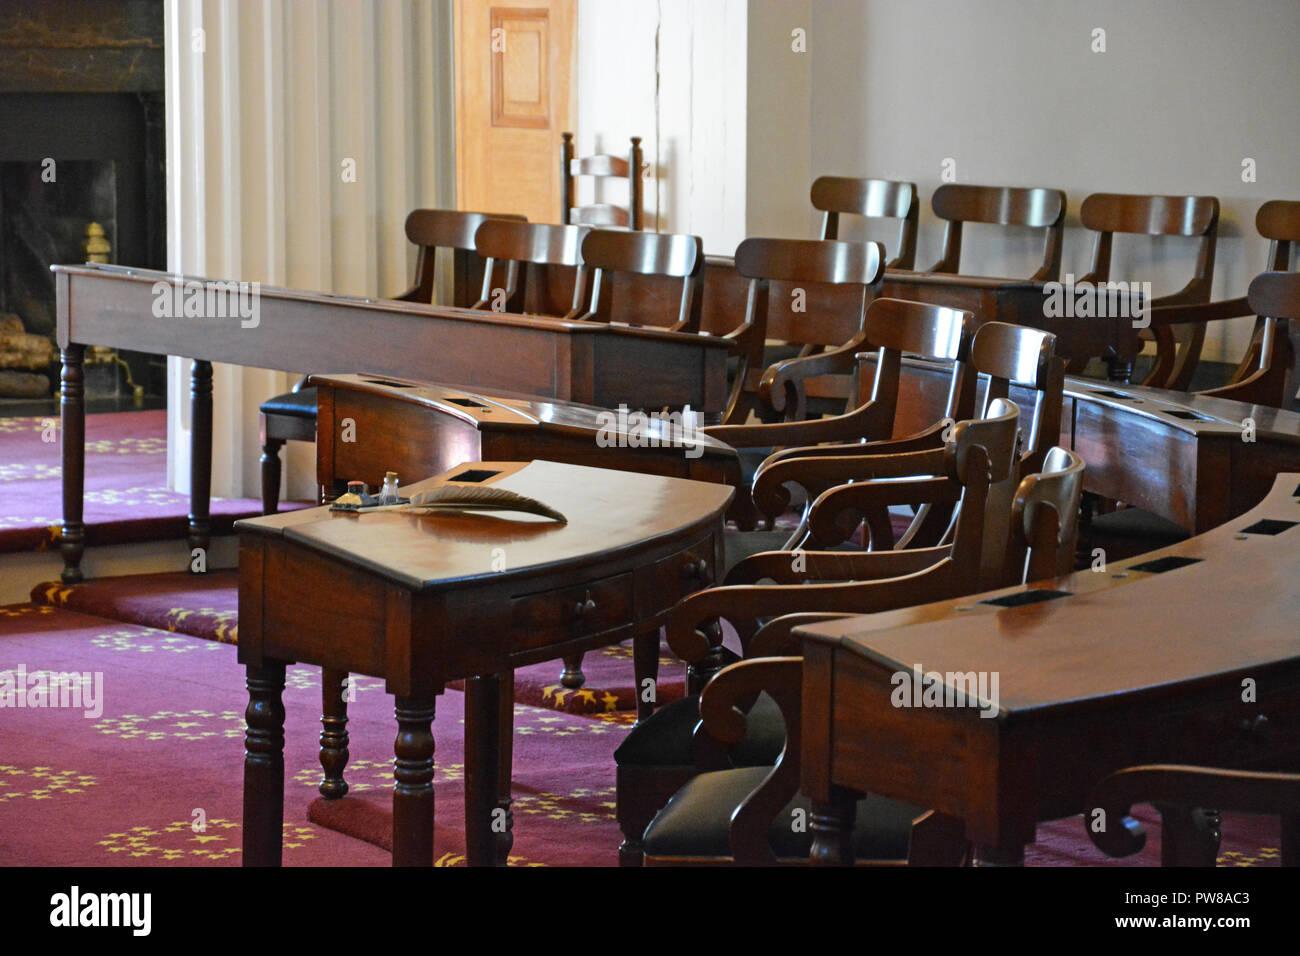 L'intérieur de l'ancienne Chambre des représentants au North Carolina State Capitol building, à Raleigh. Banque D'Images